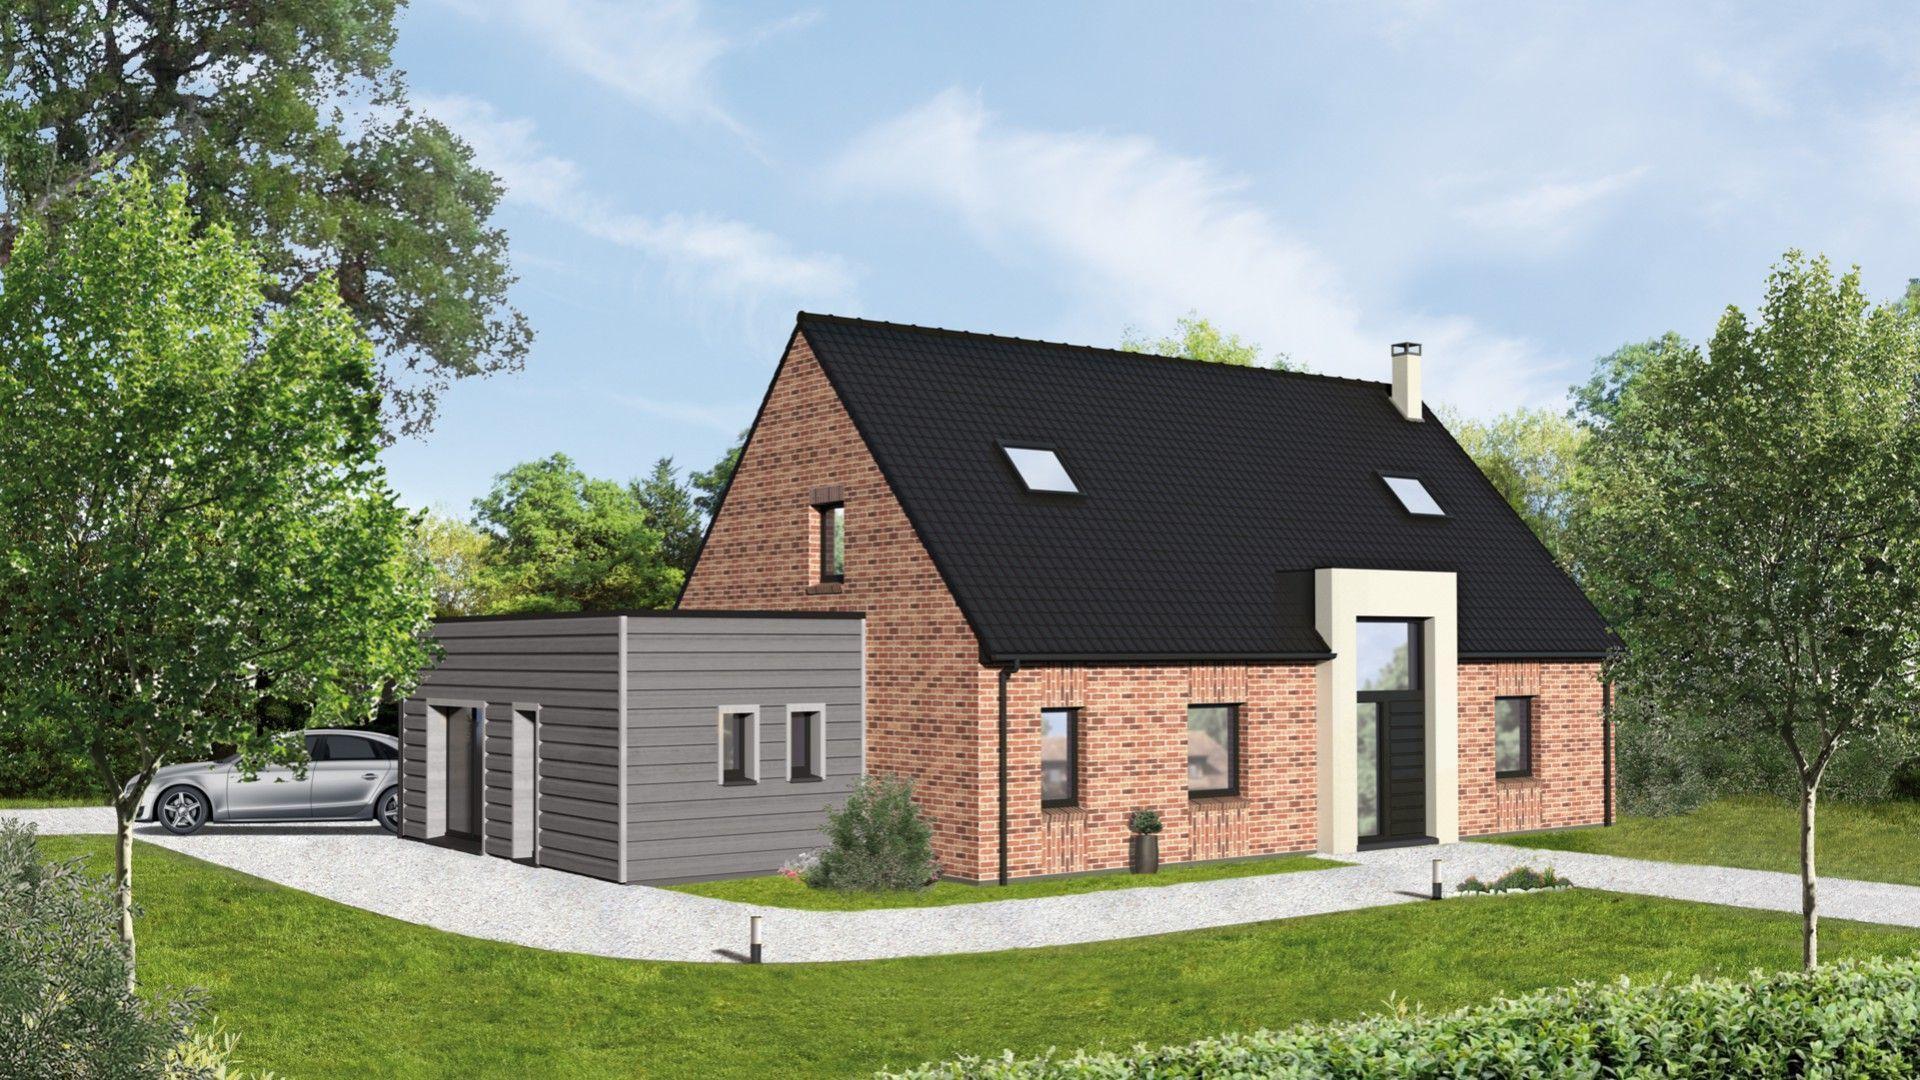 Constructeur maison nord maison moderne for Constructeur de maison moderne